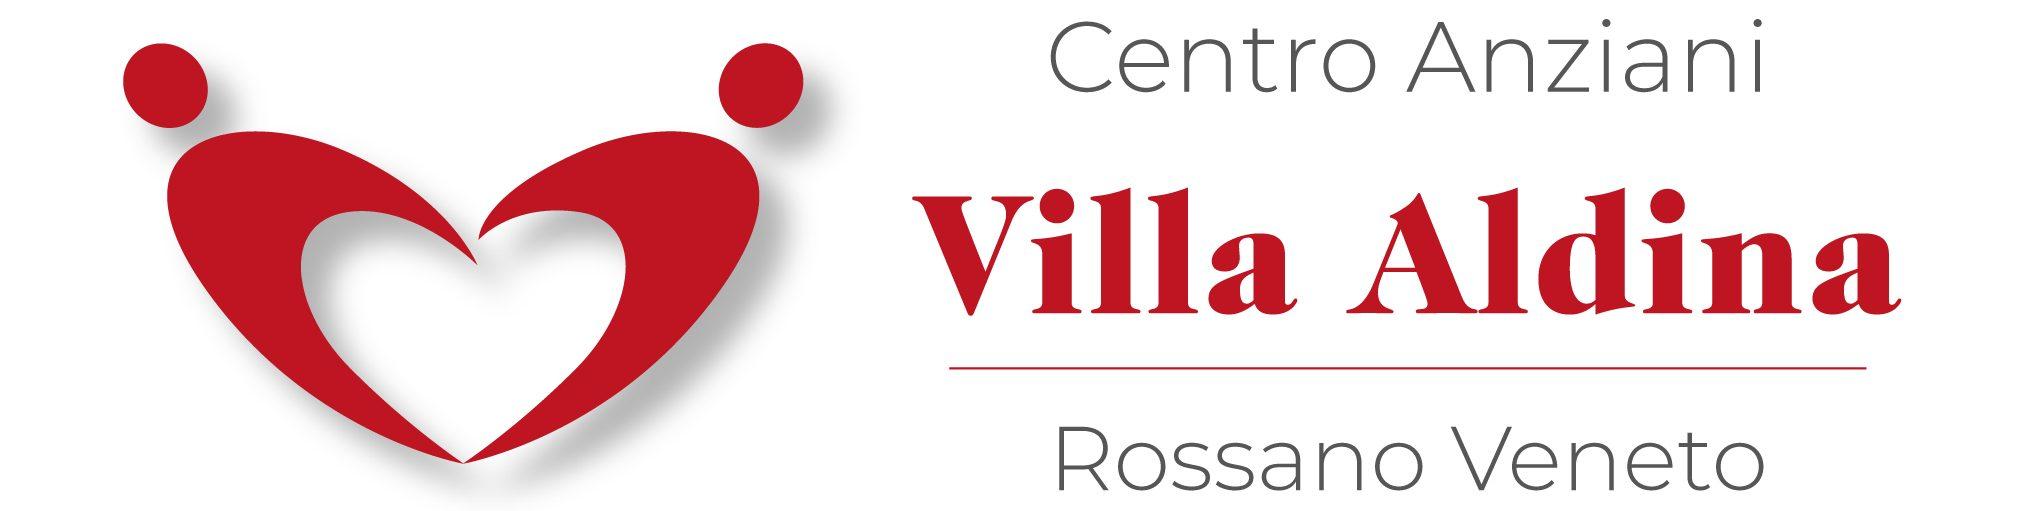 Centro Anziani Villa Aldina I.P.A.B.